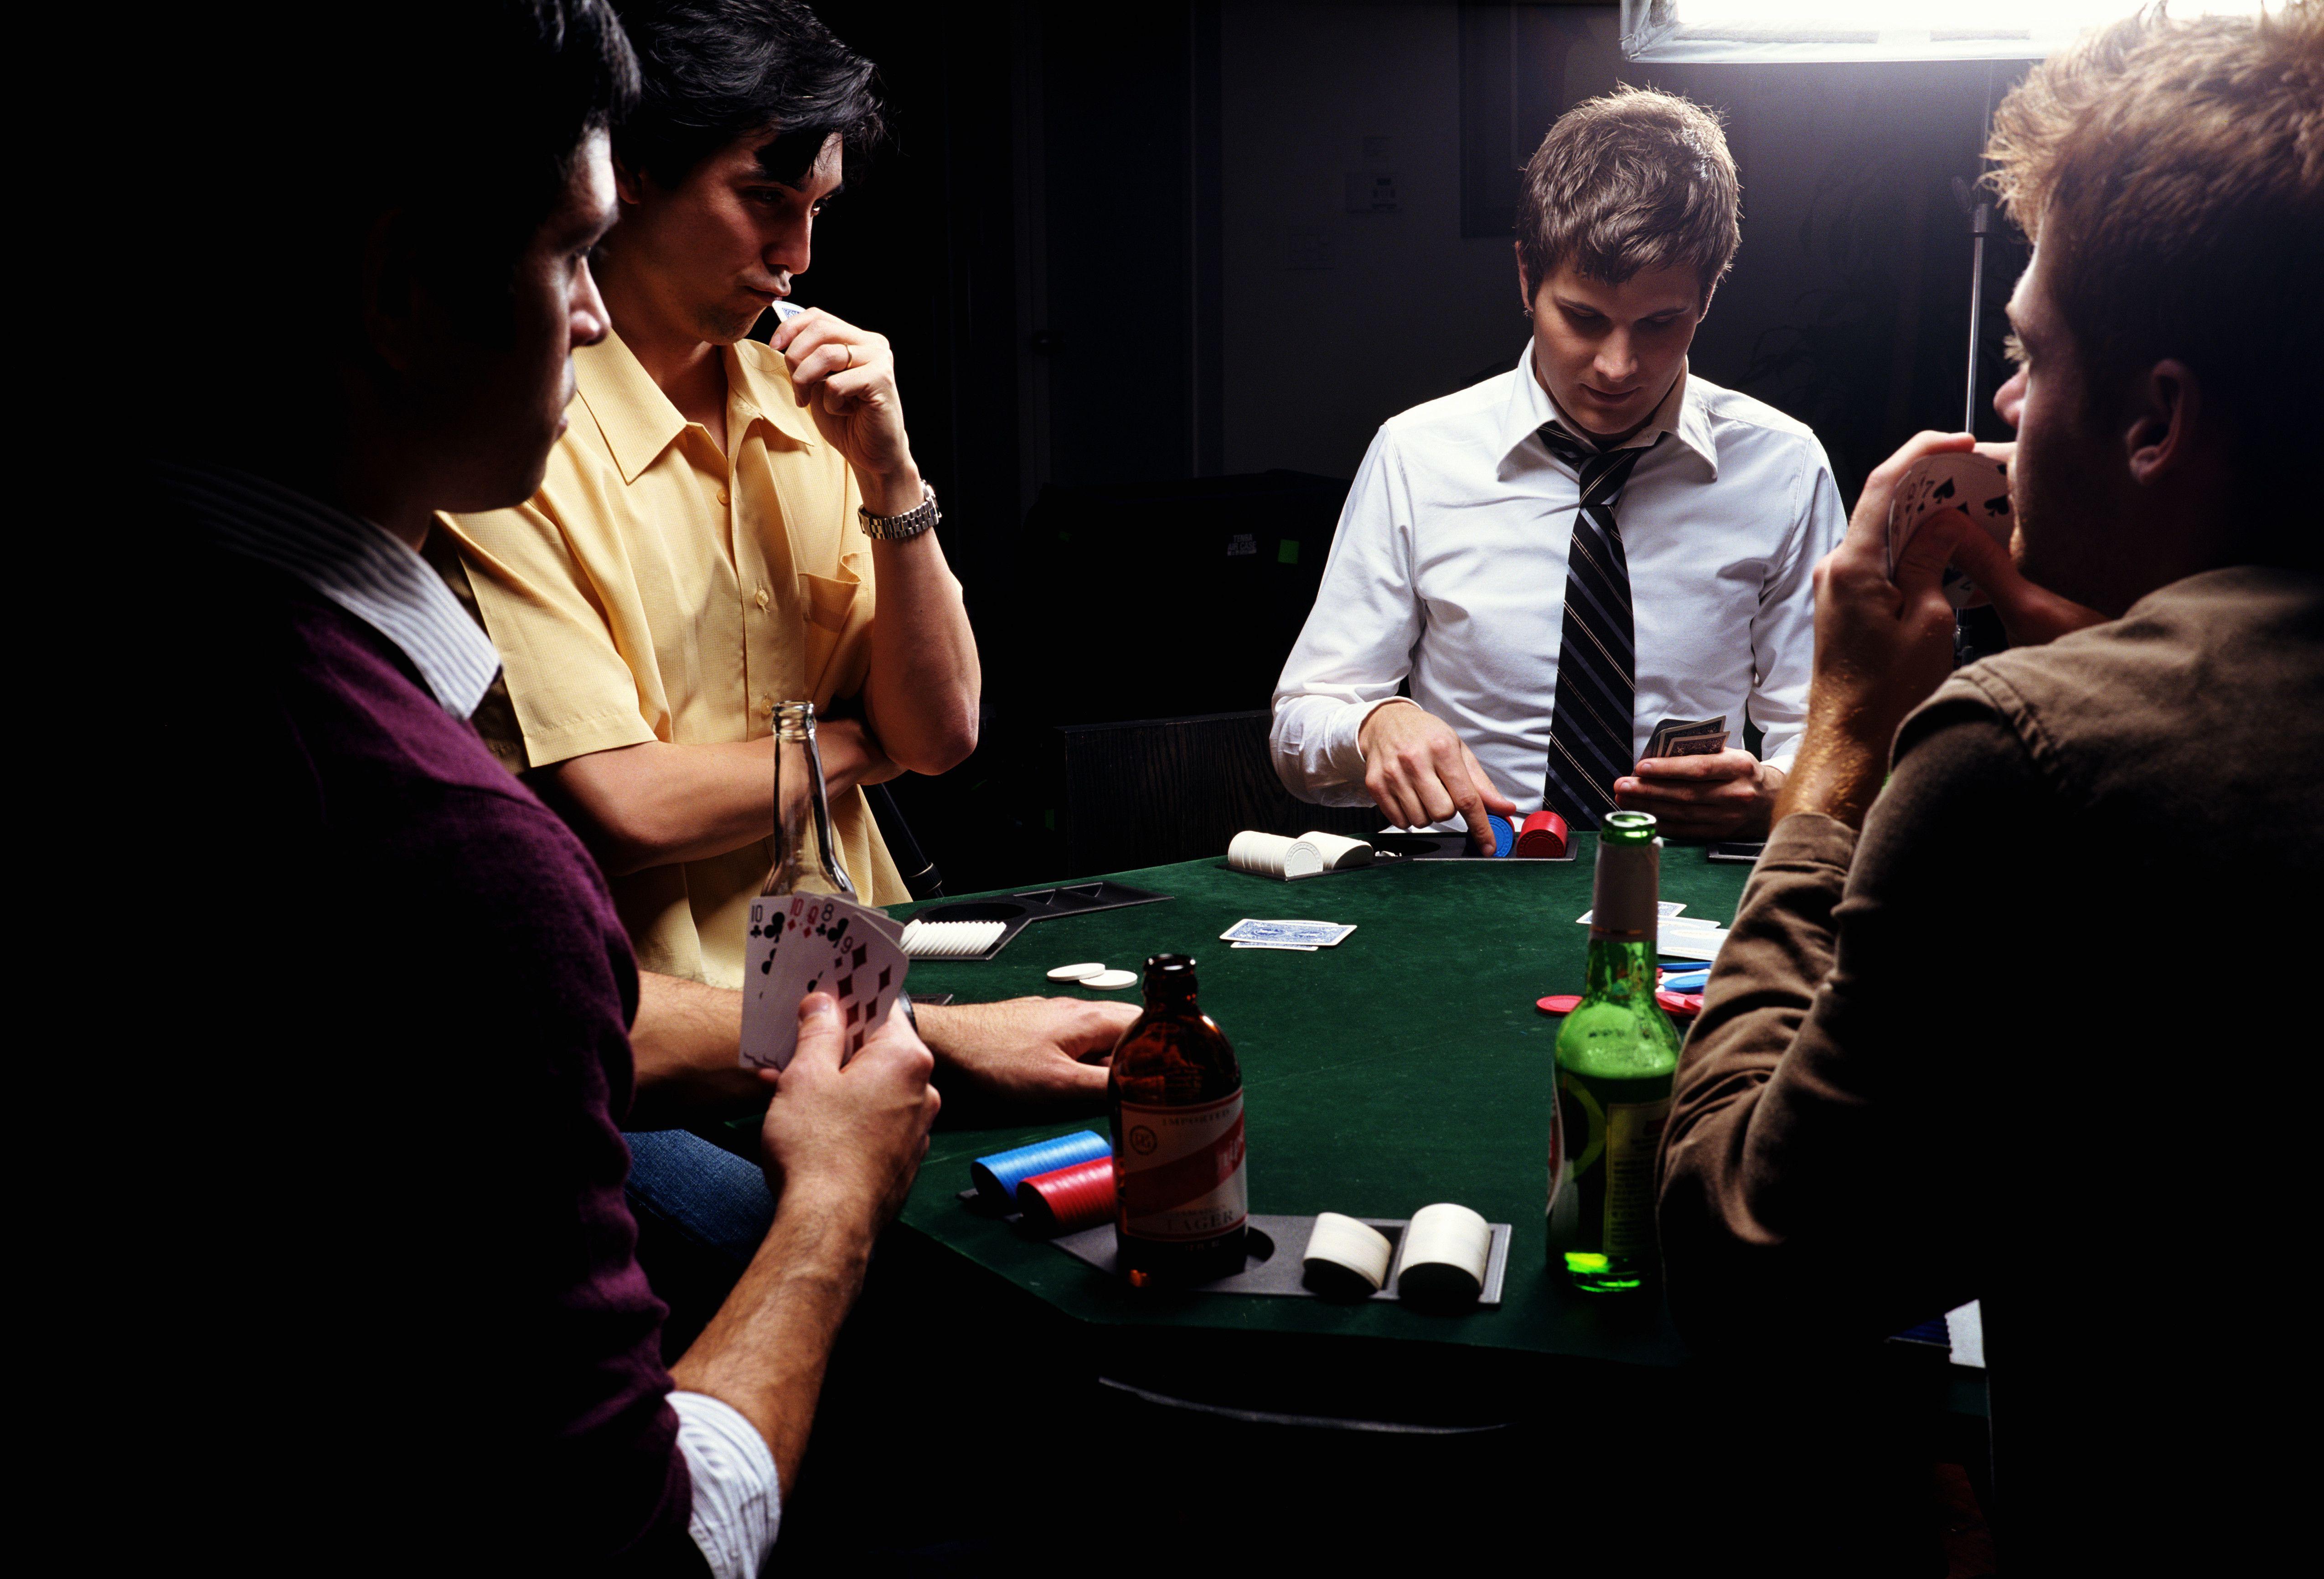 лучшие биткоин казино 2019